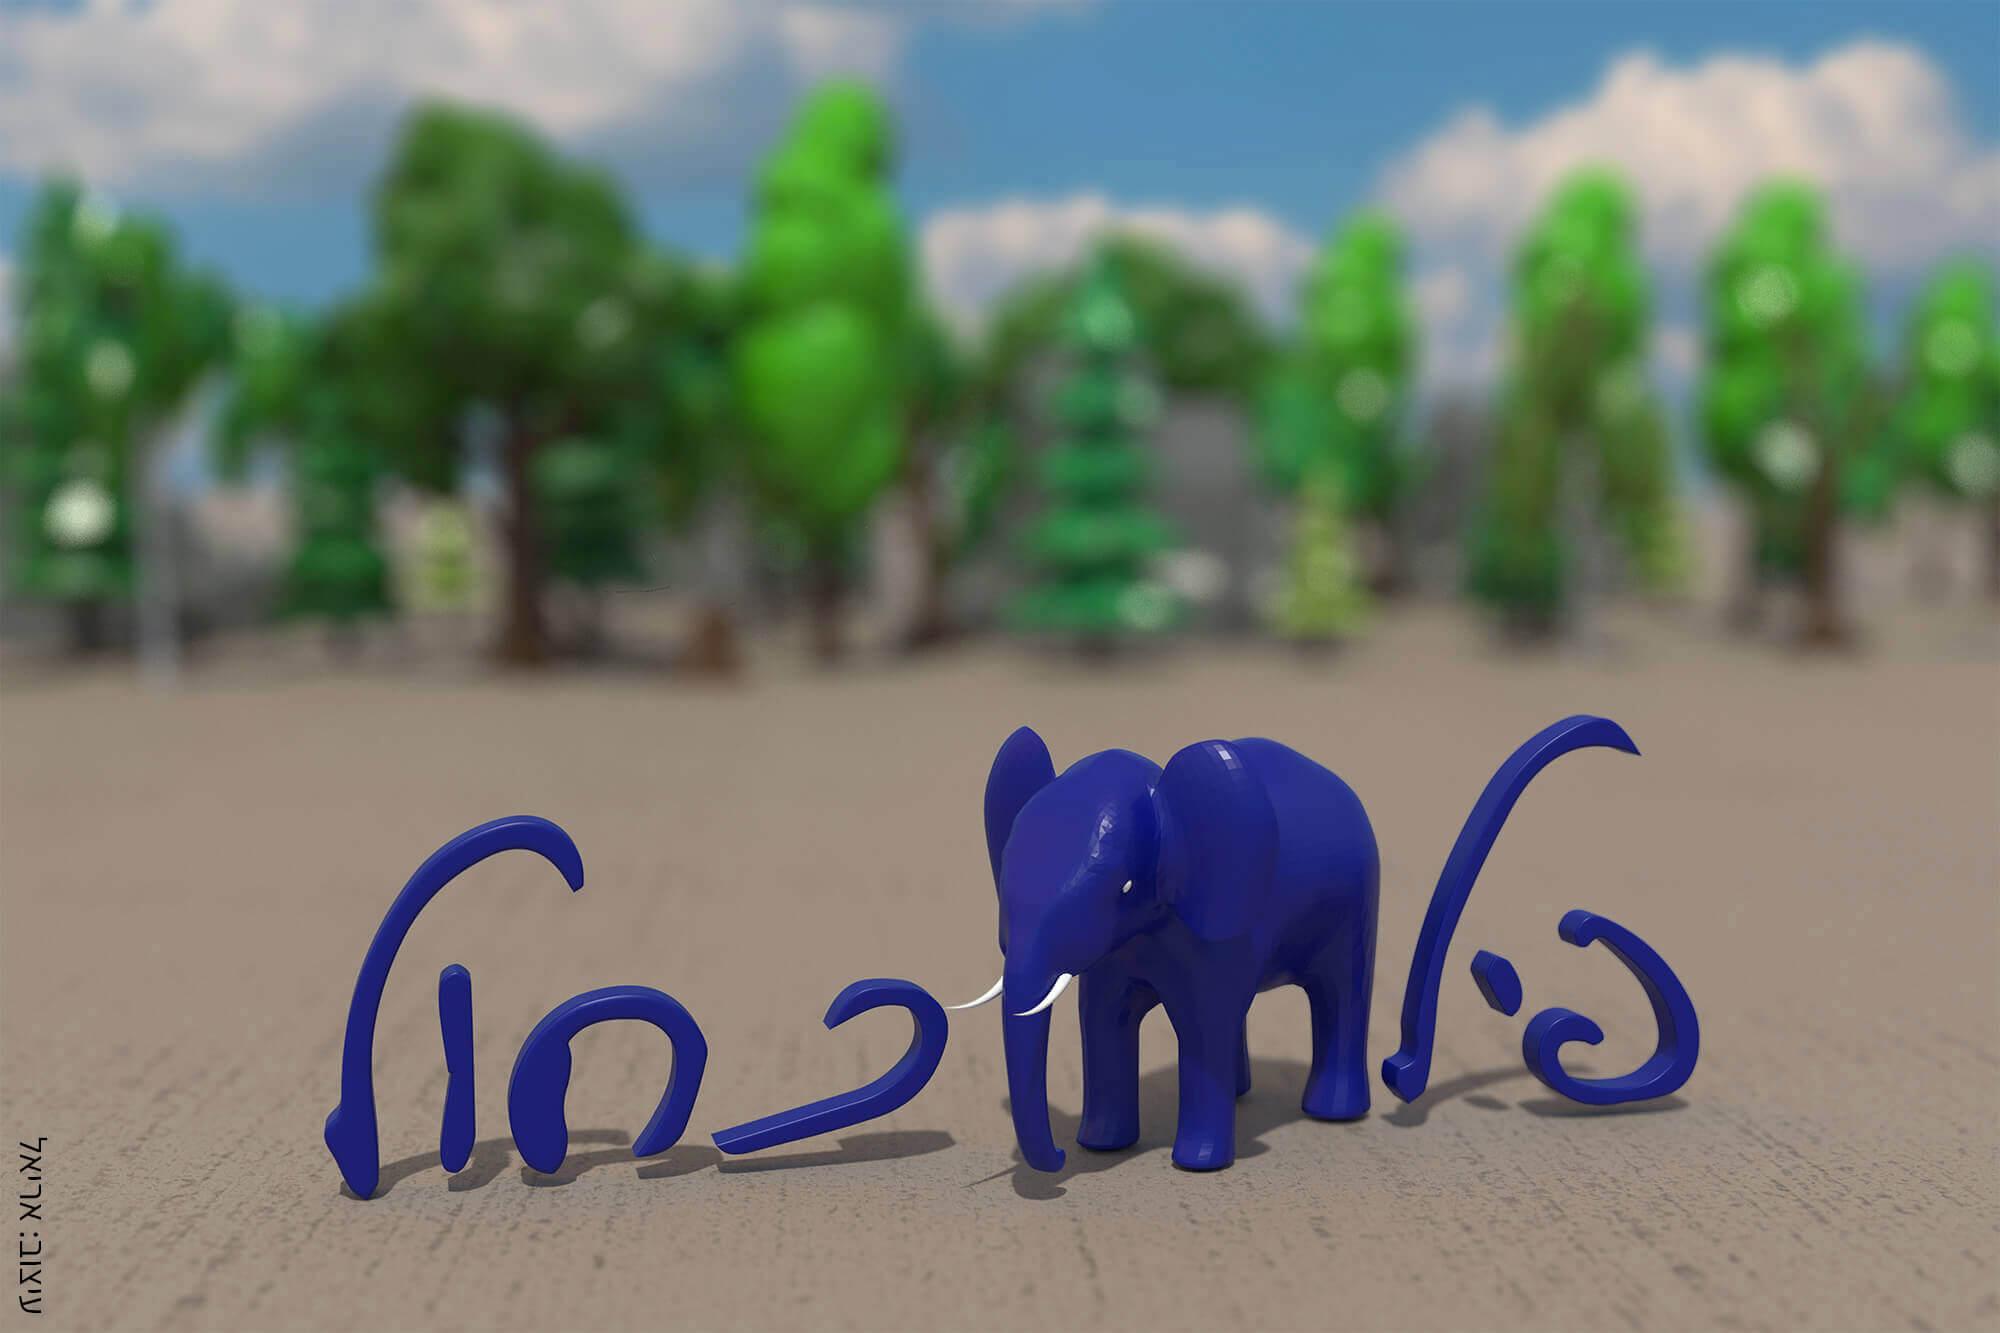 פיל כחול בתלת מימד | עיצוב: אריאל